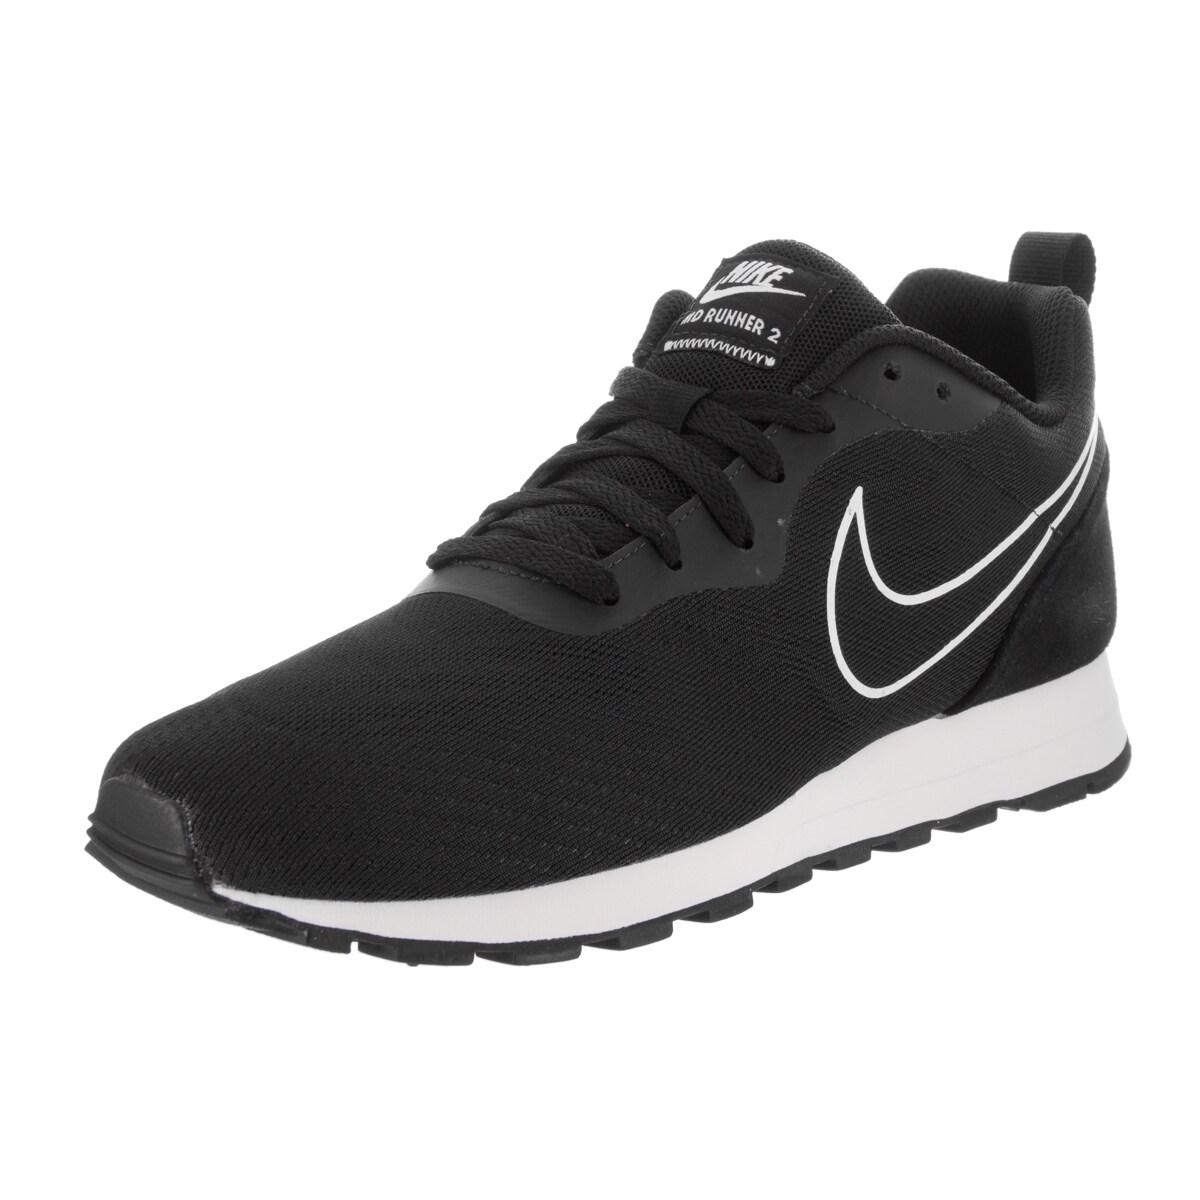 fiable à vendre vente images footlocker Nike Hommes Chaussures De Course De Maille Noire nouveau en ligne parfait meilleures ventes QC1OGF